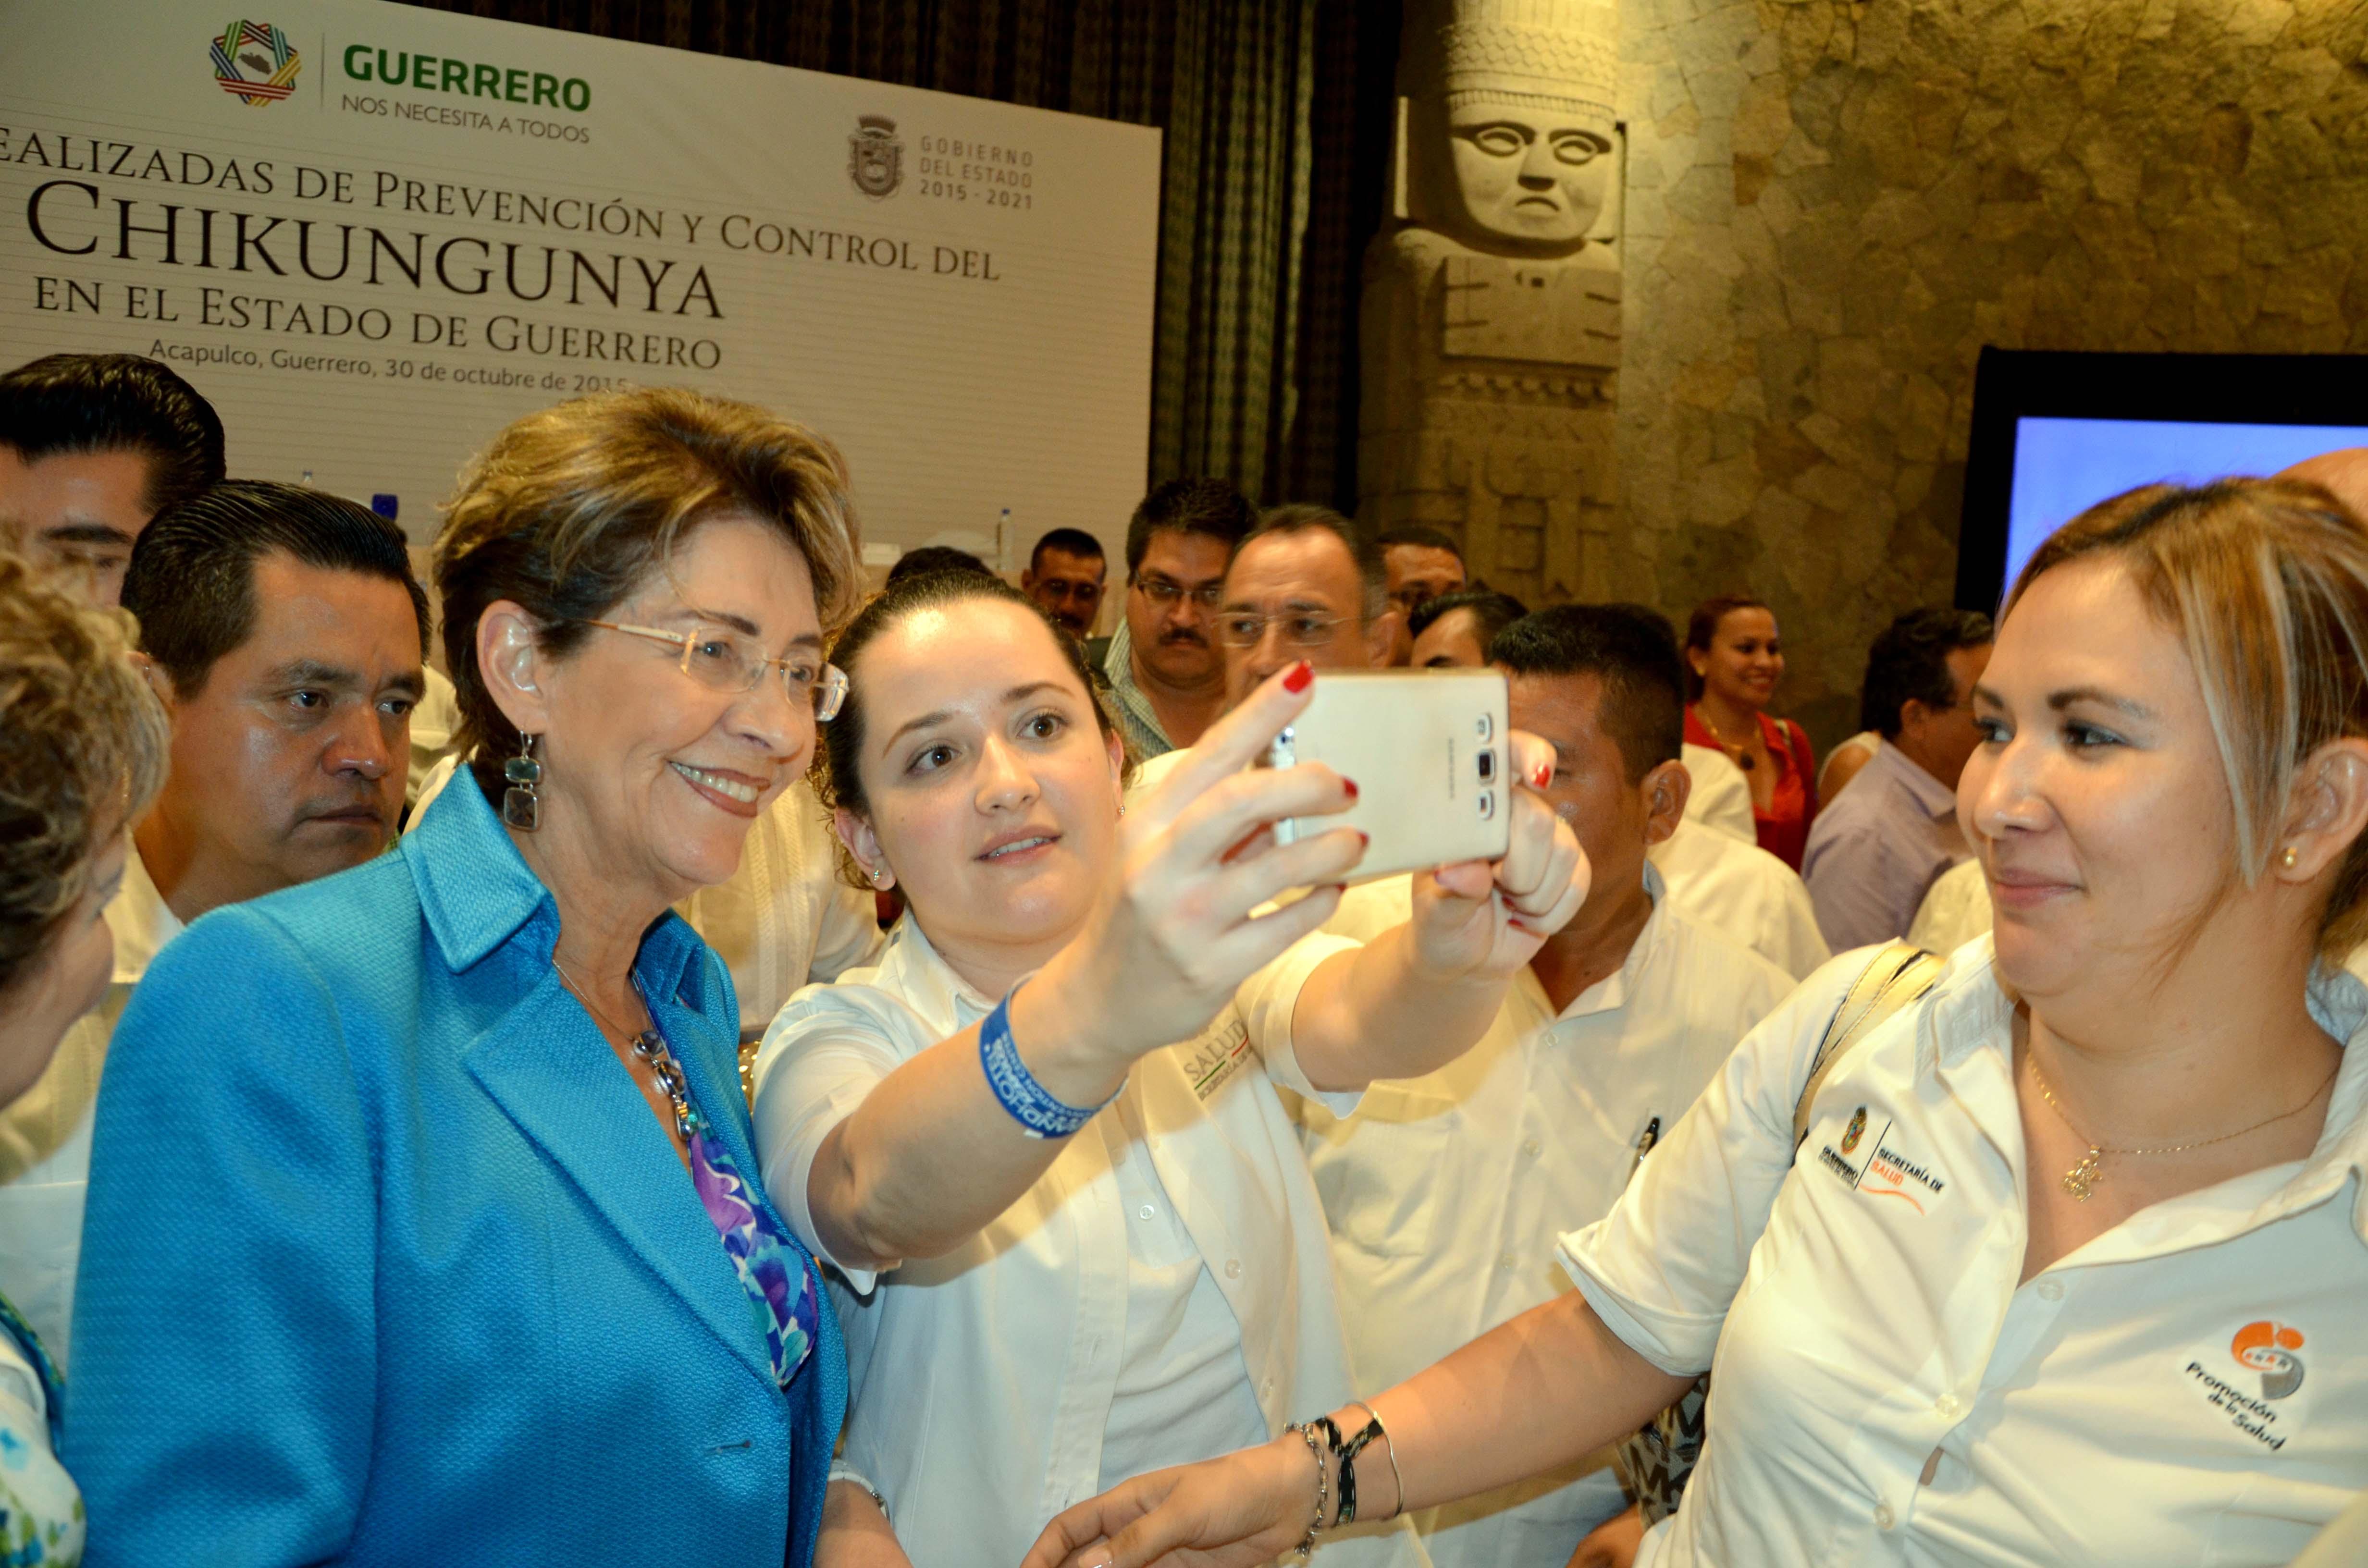 La Secretaria de salud, Mercedes Juan, instó a la comunidad a participar en las tareas de prevención.